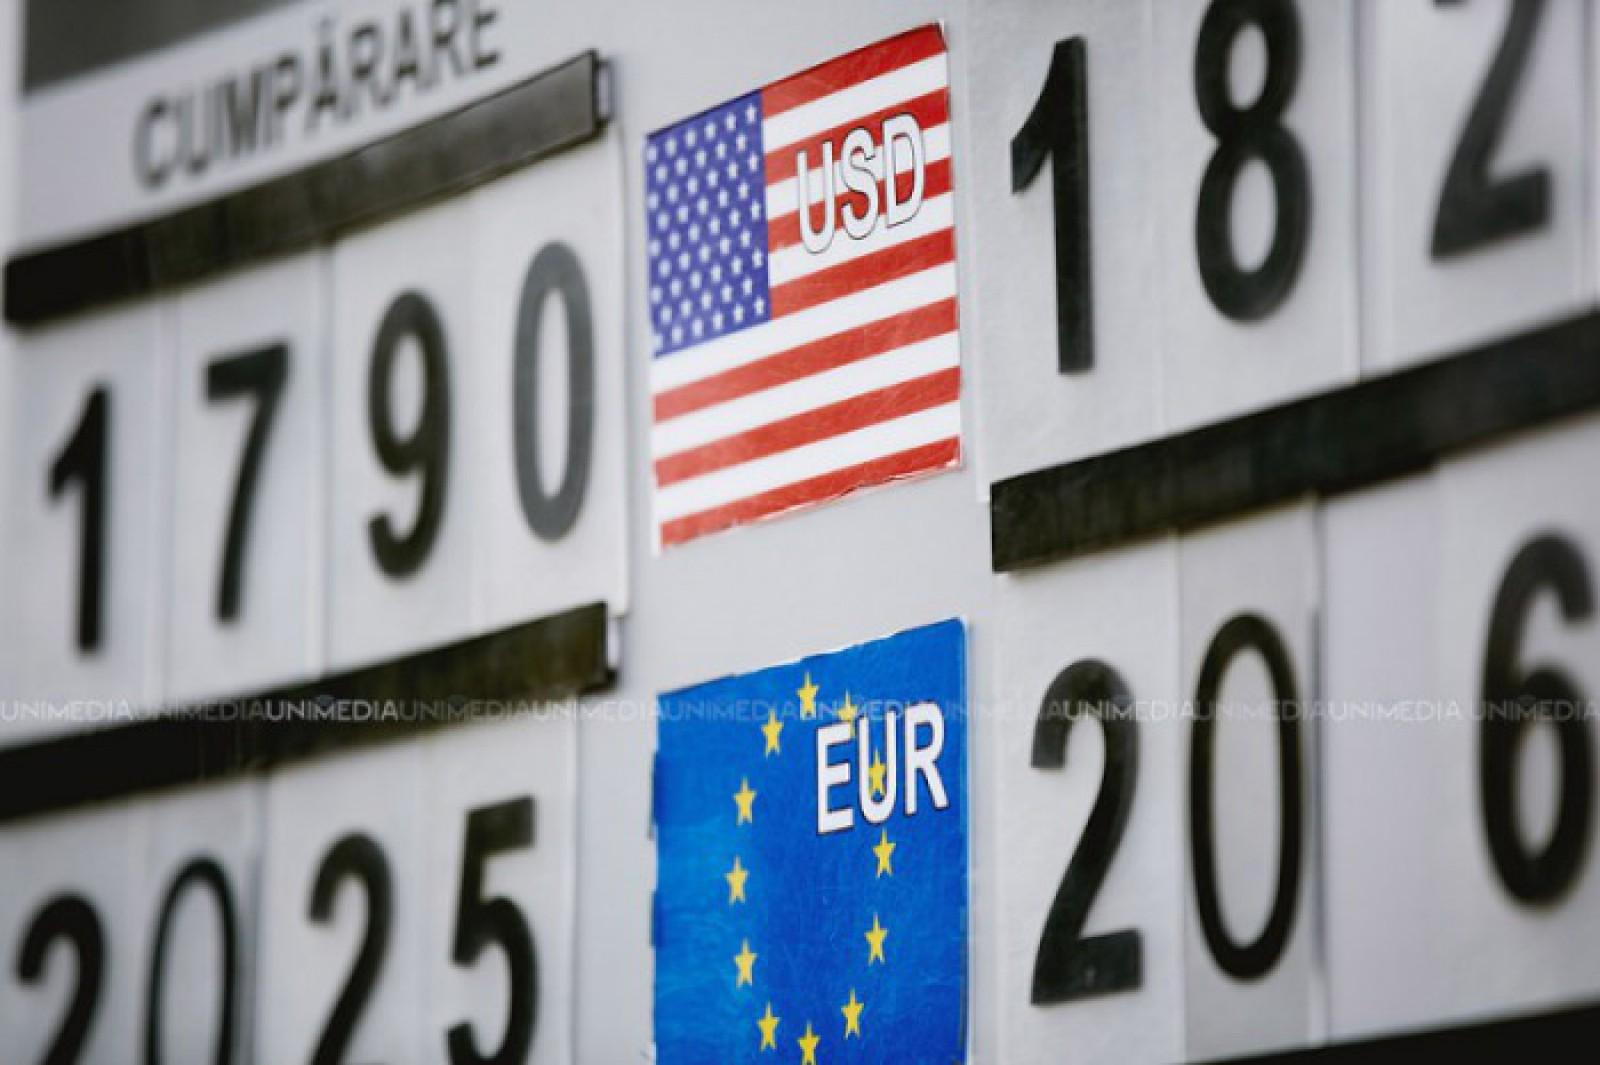 Curs valutar: Leul moldovenesc, în apreciere față de euro cu 5 bani